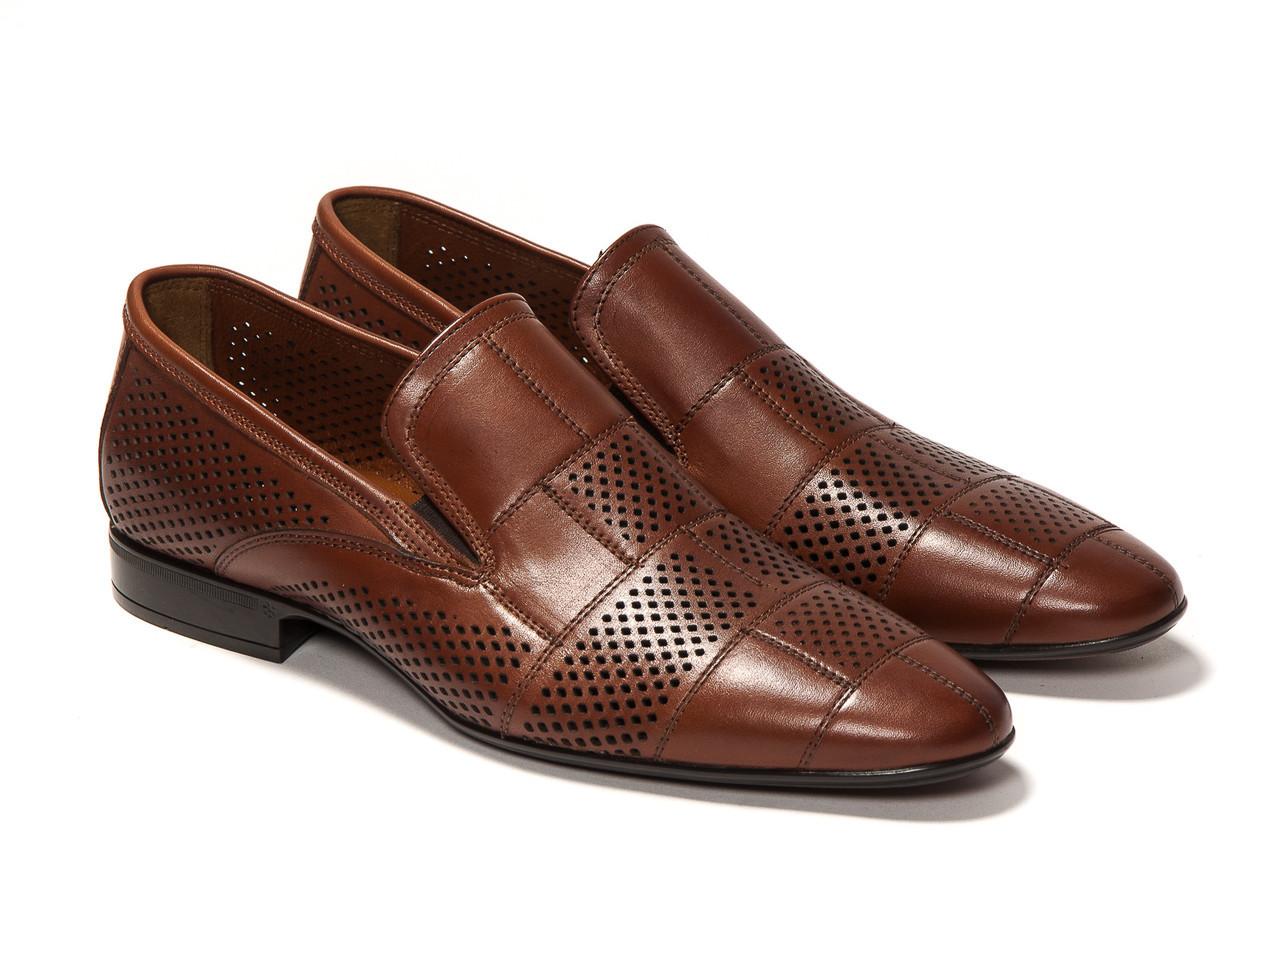 Туфли Etor 10407-7063 42 коричневые